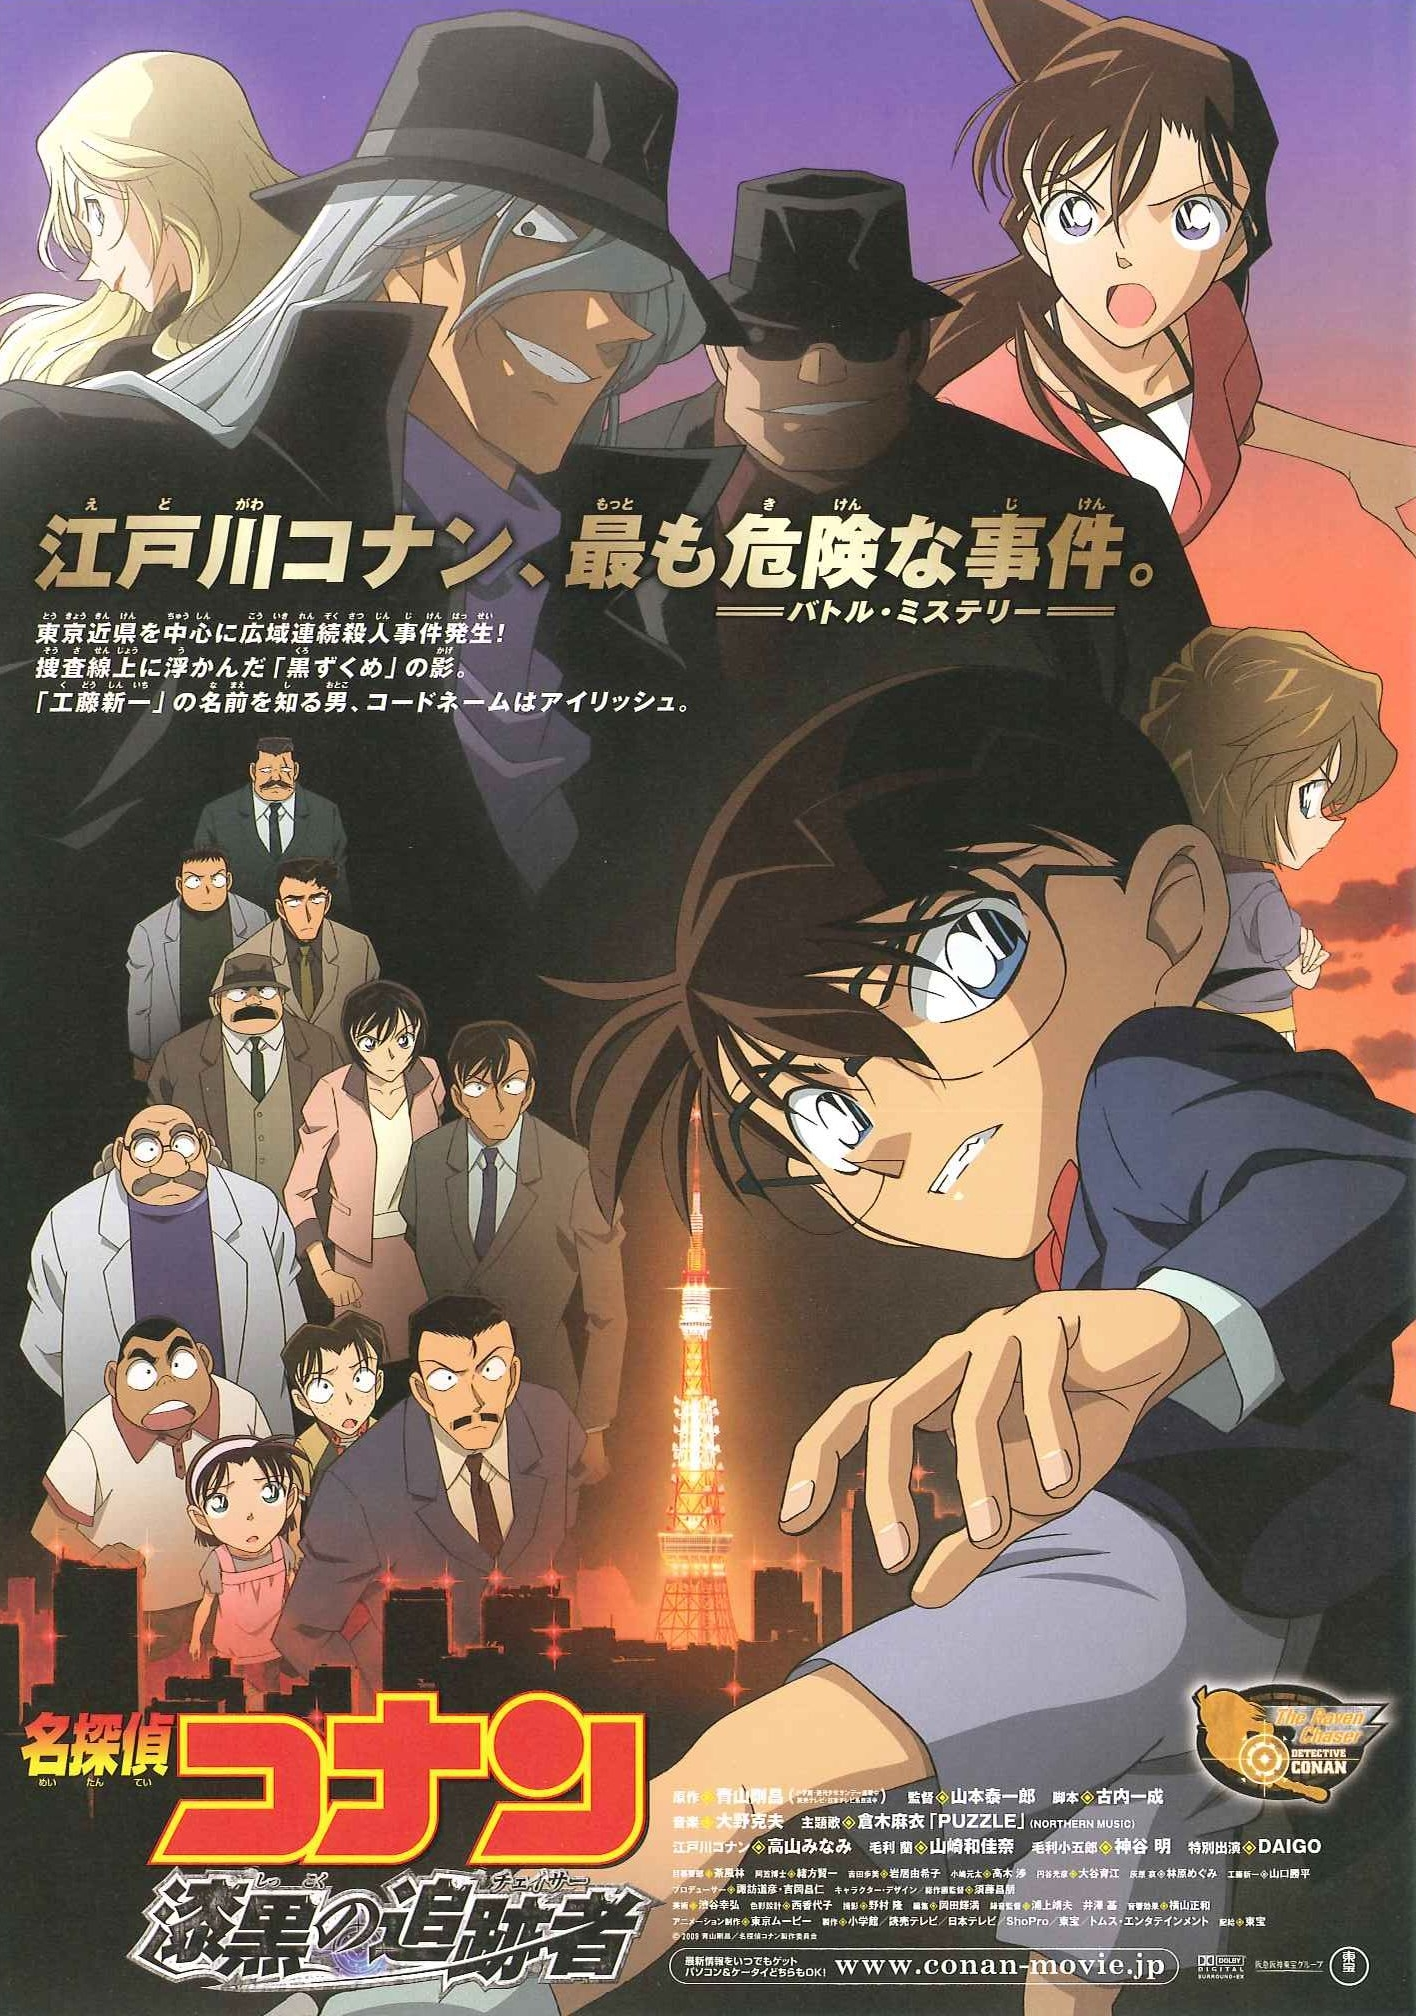 Meitantei Conan: Shikkoku no chaser (2009) - IMDb